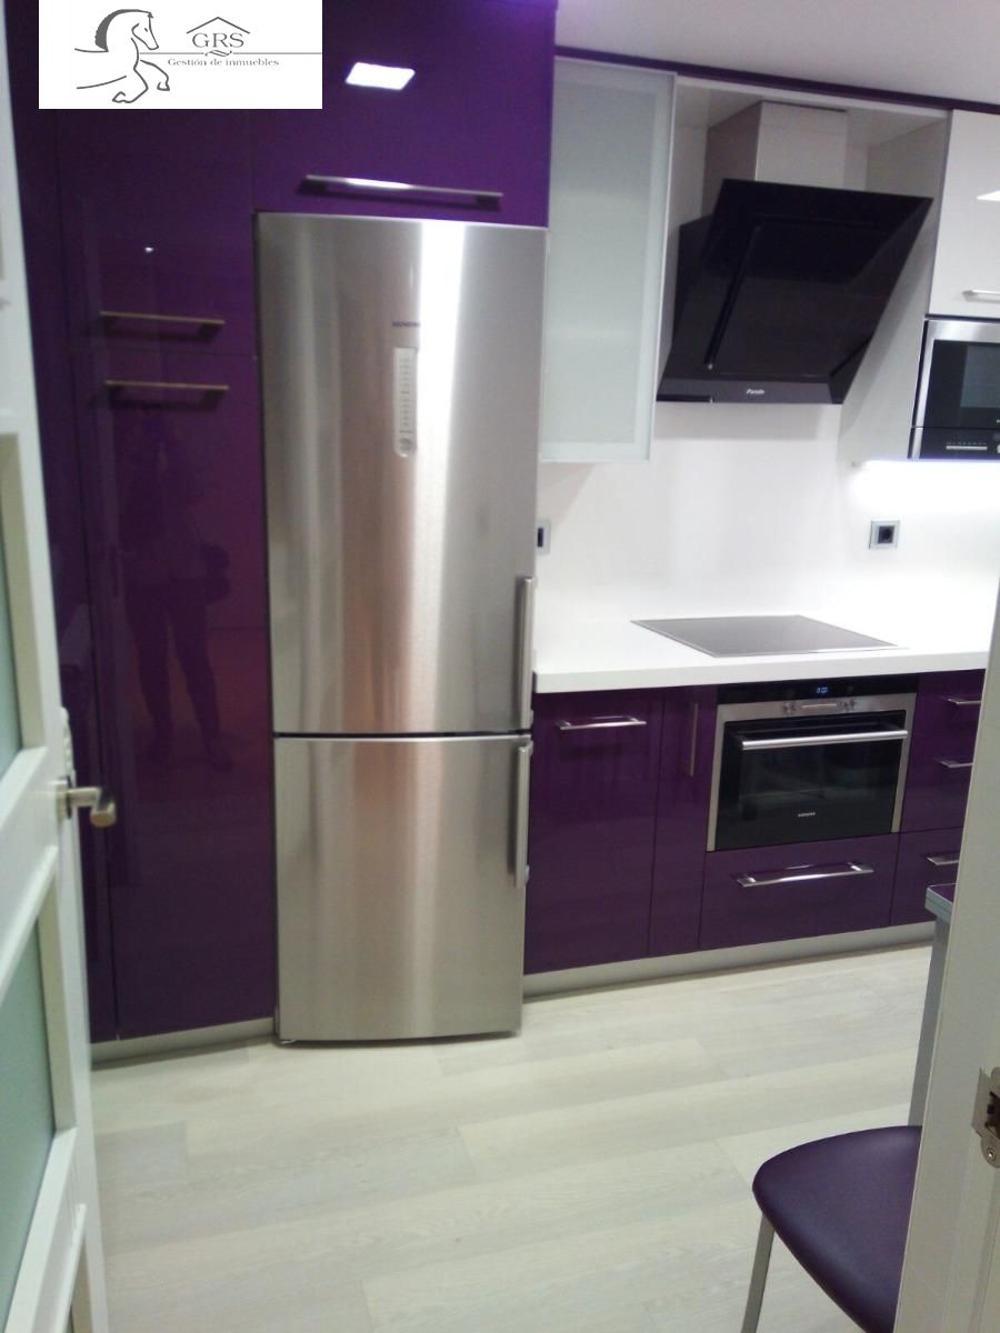 oteruelos soria apartment foto 3507951